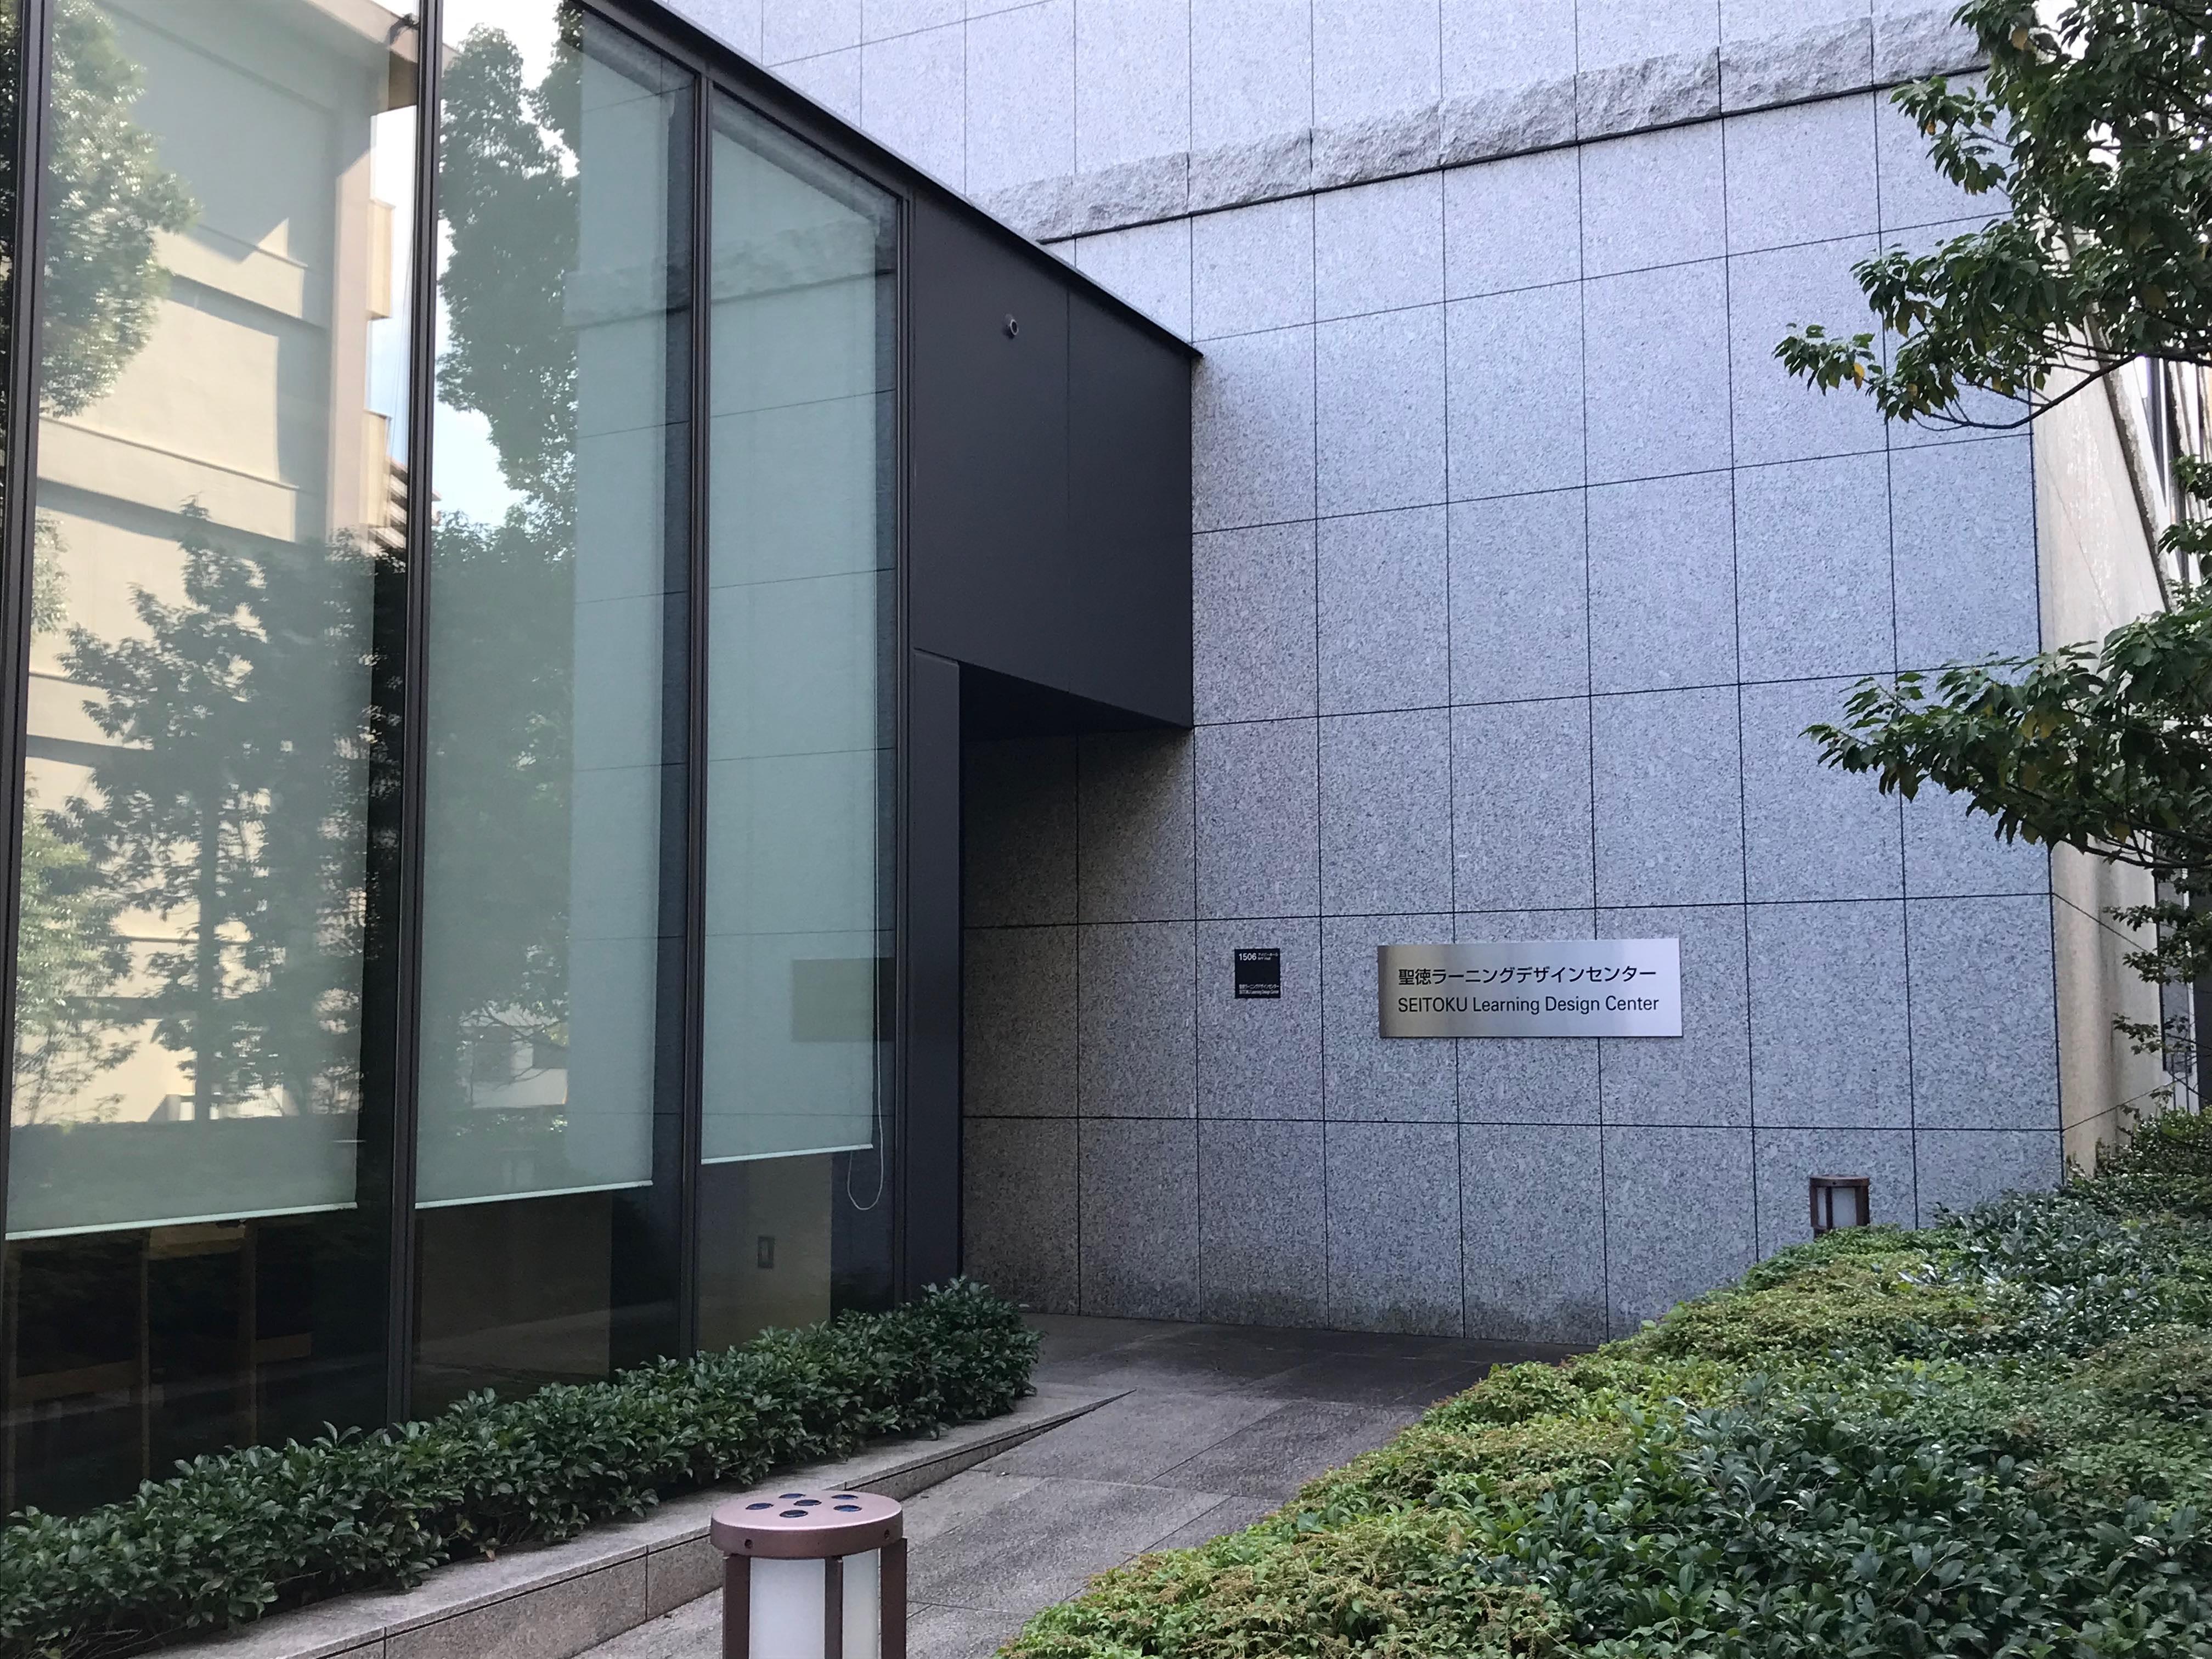 千葉県職員採用上級試験(児童指導員)に合格した先輩のインタビュー(10月11日修正しました)